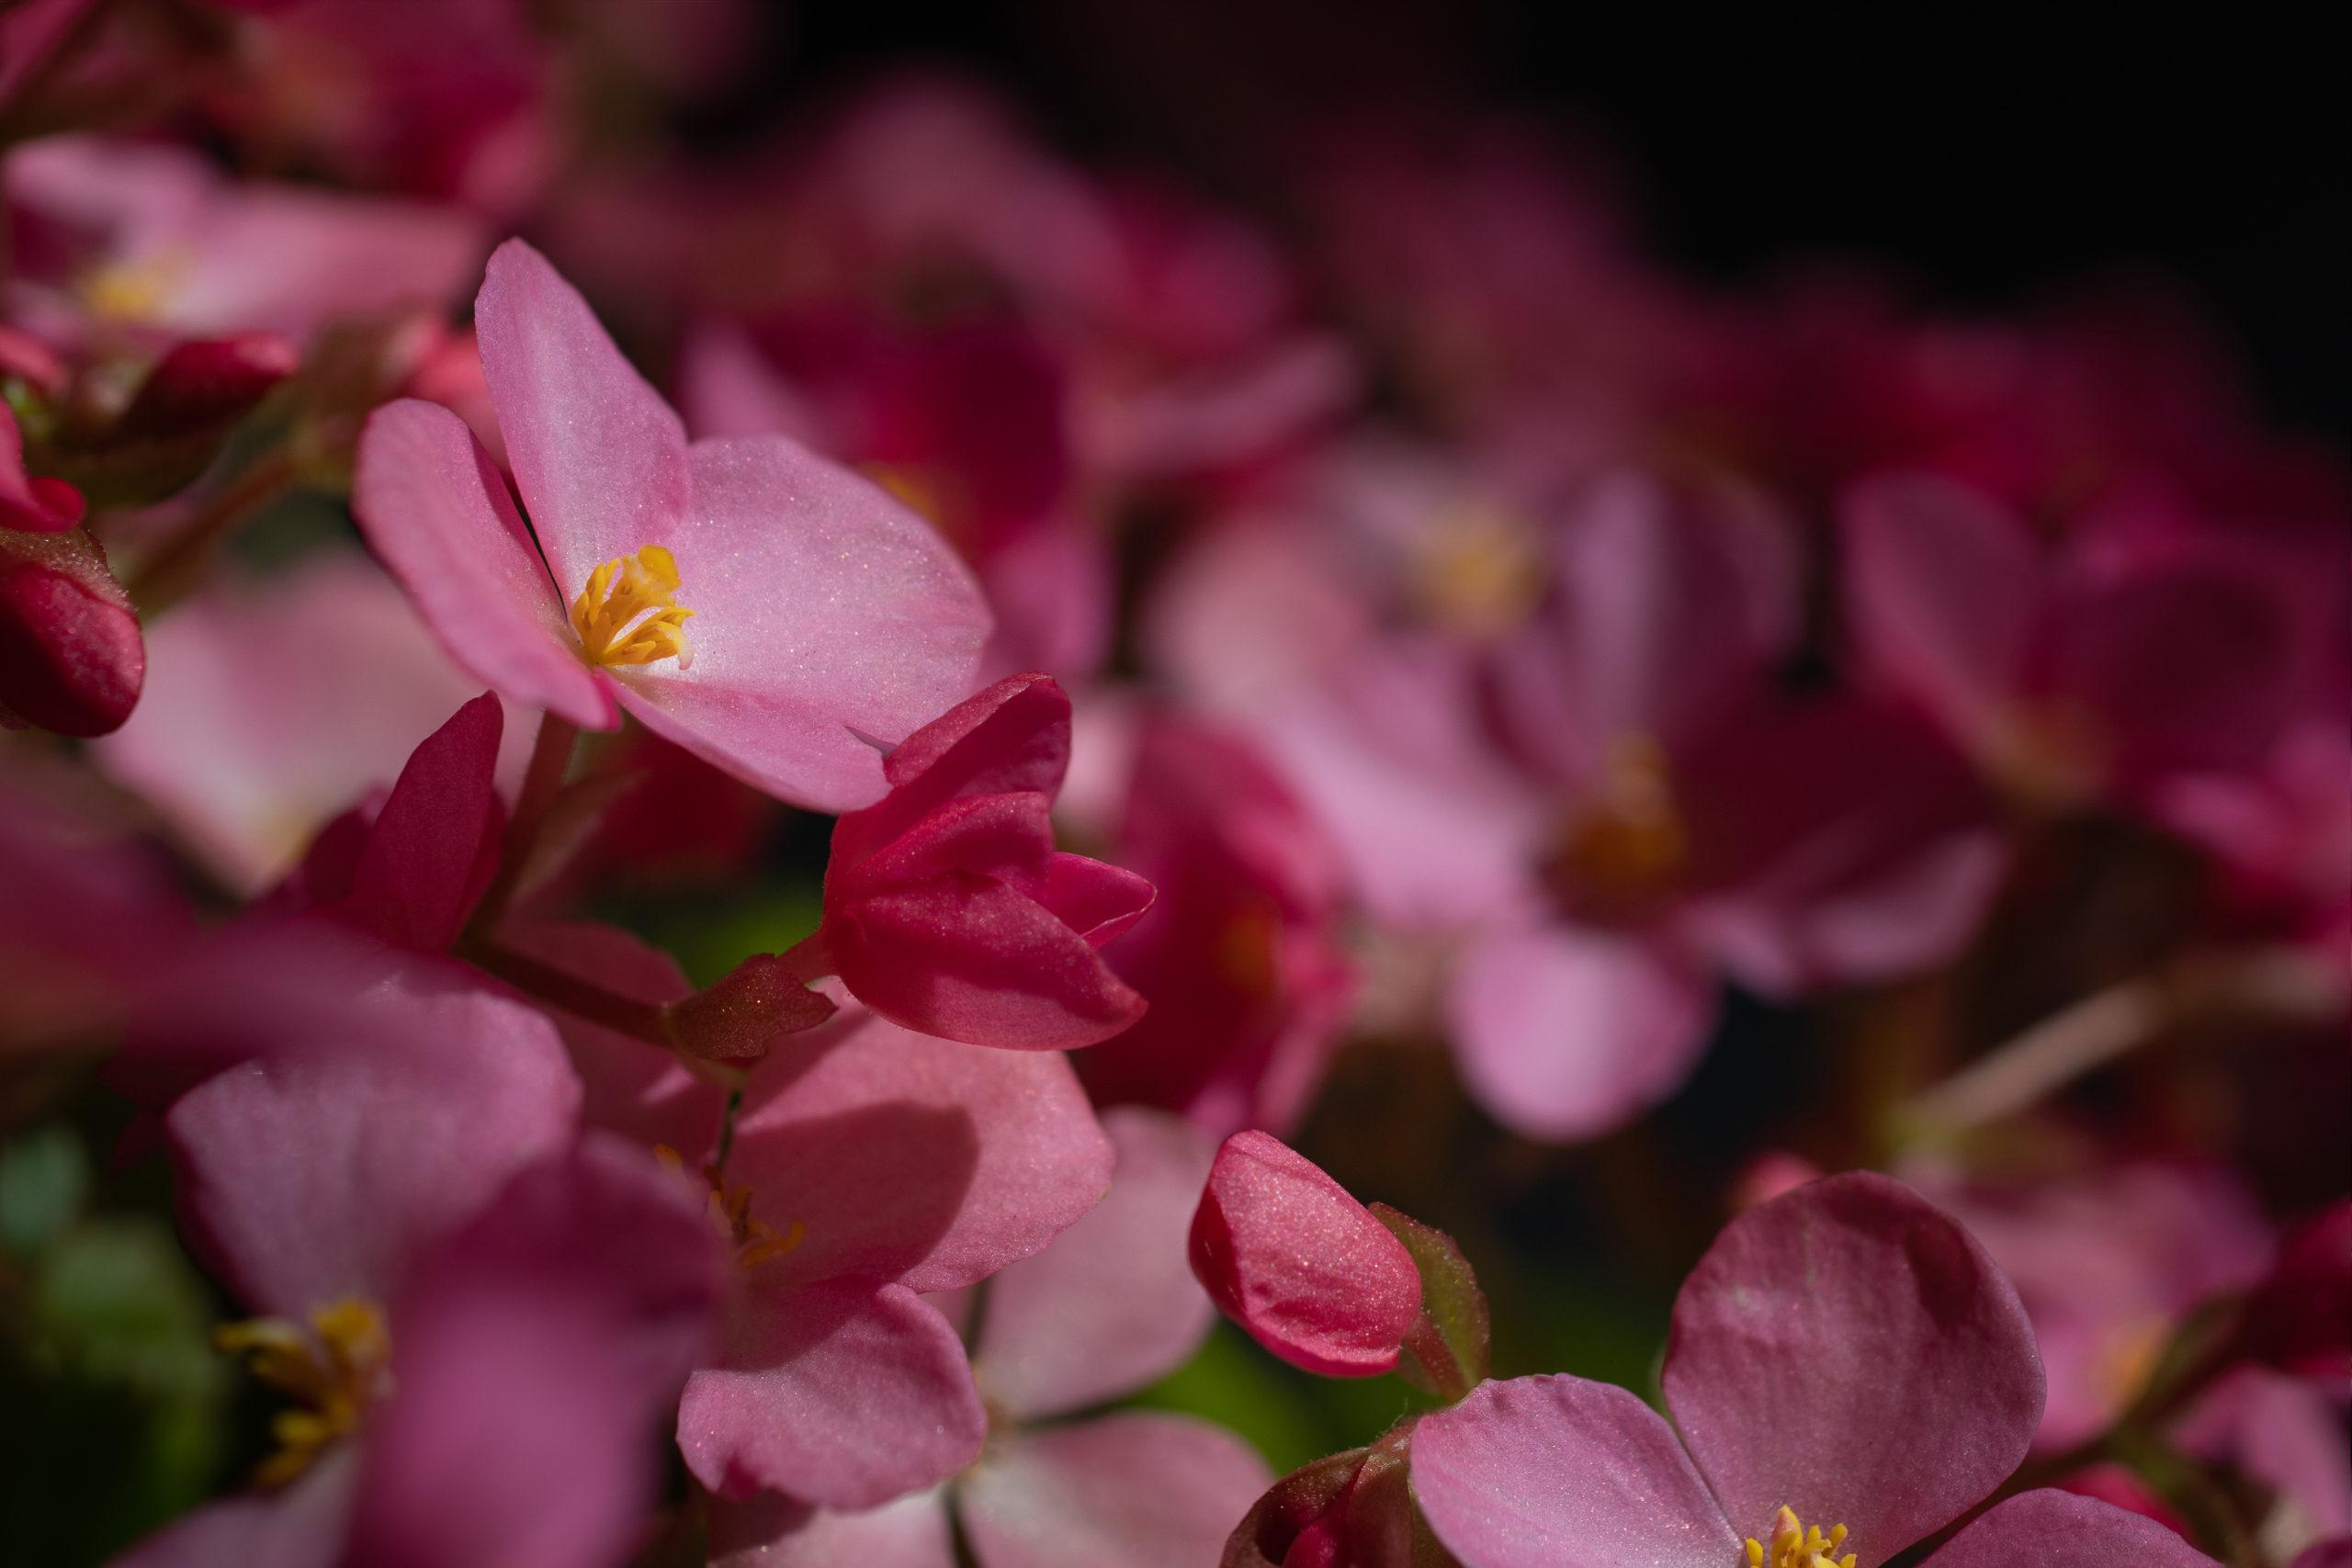 ベゴニア・ラブミー(Begonia Low Key)ローキー